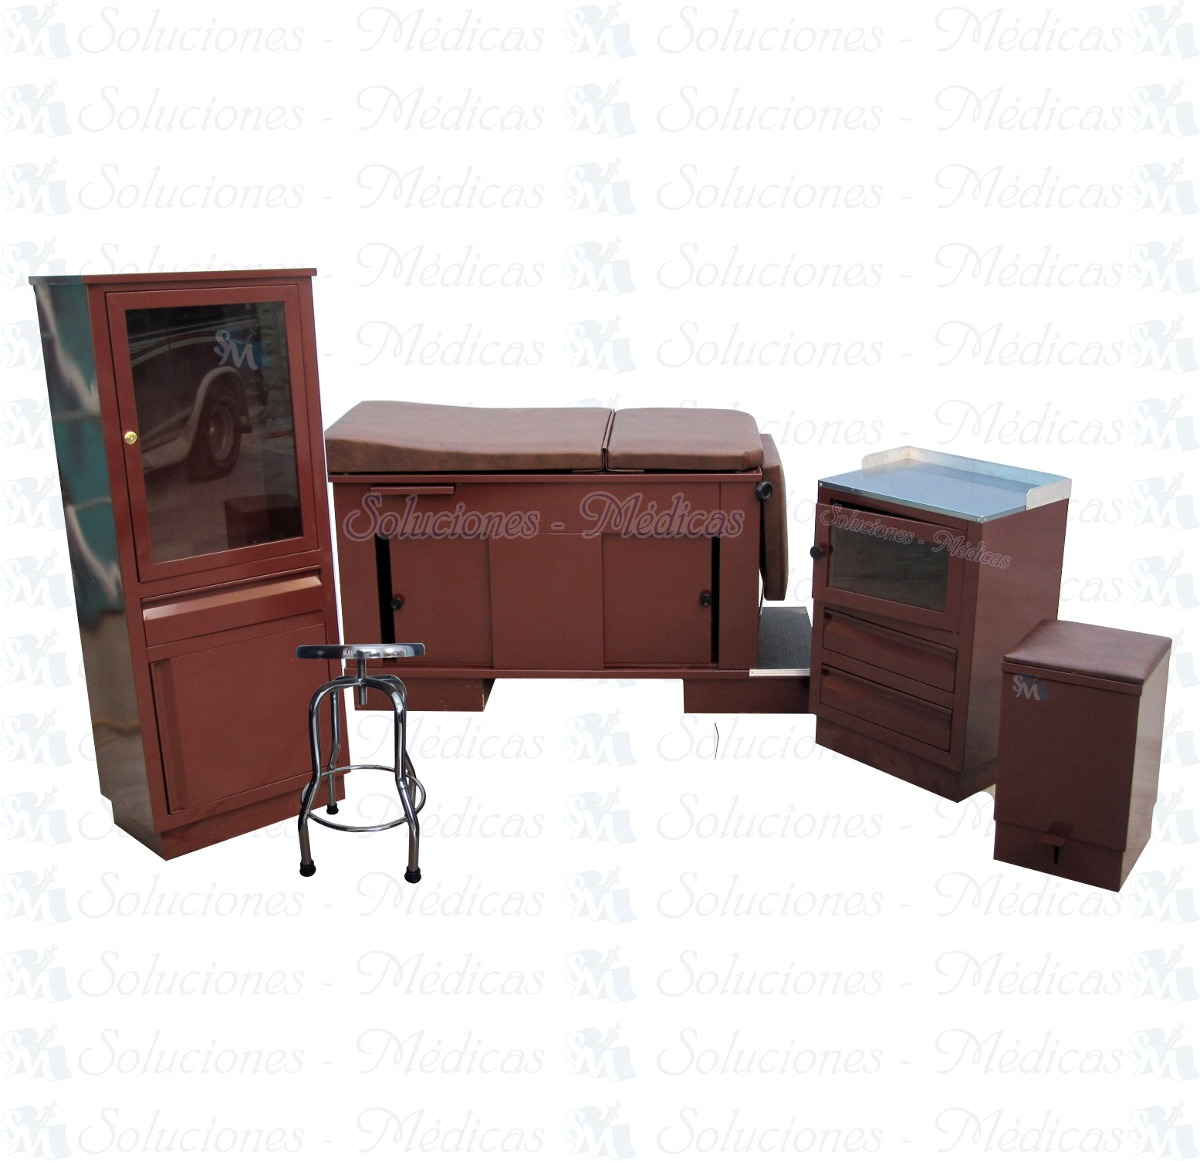 Muebles Para Consultorio 8 526 00 En Mercado Libre # Muebles Medicos Maya